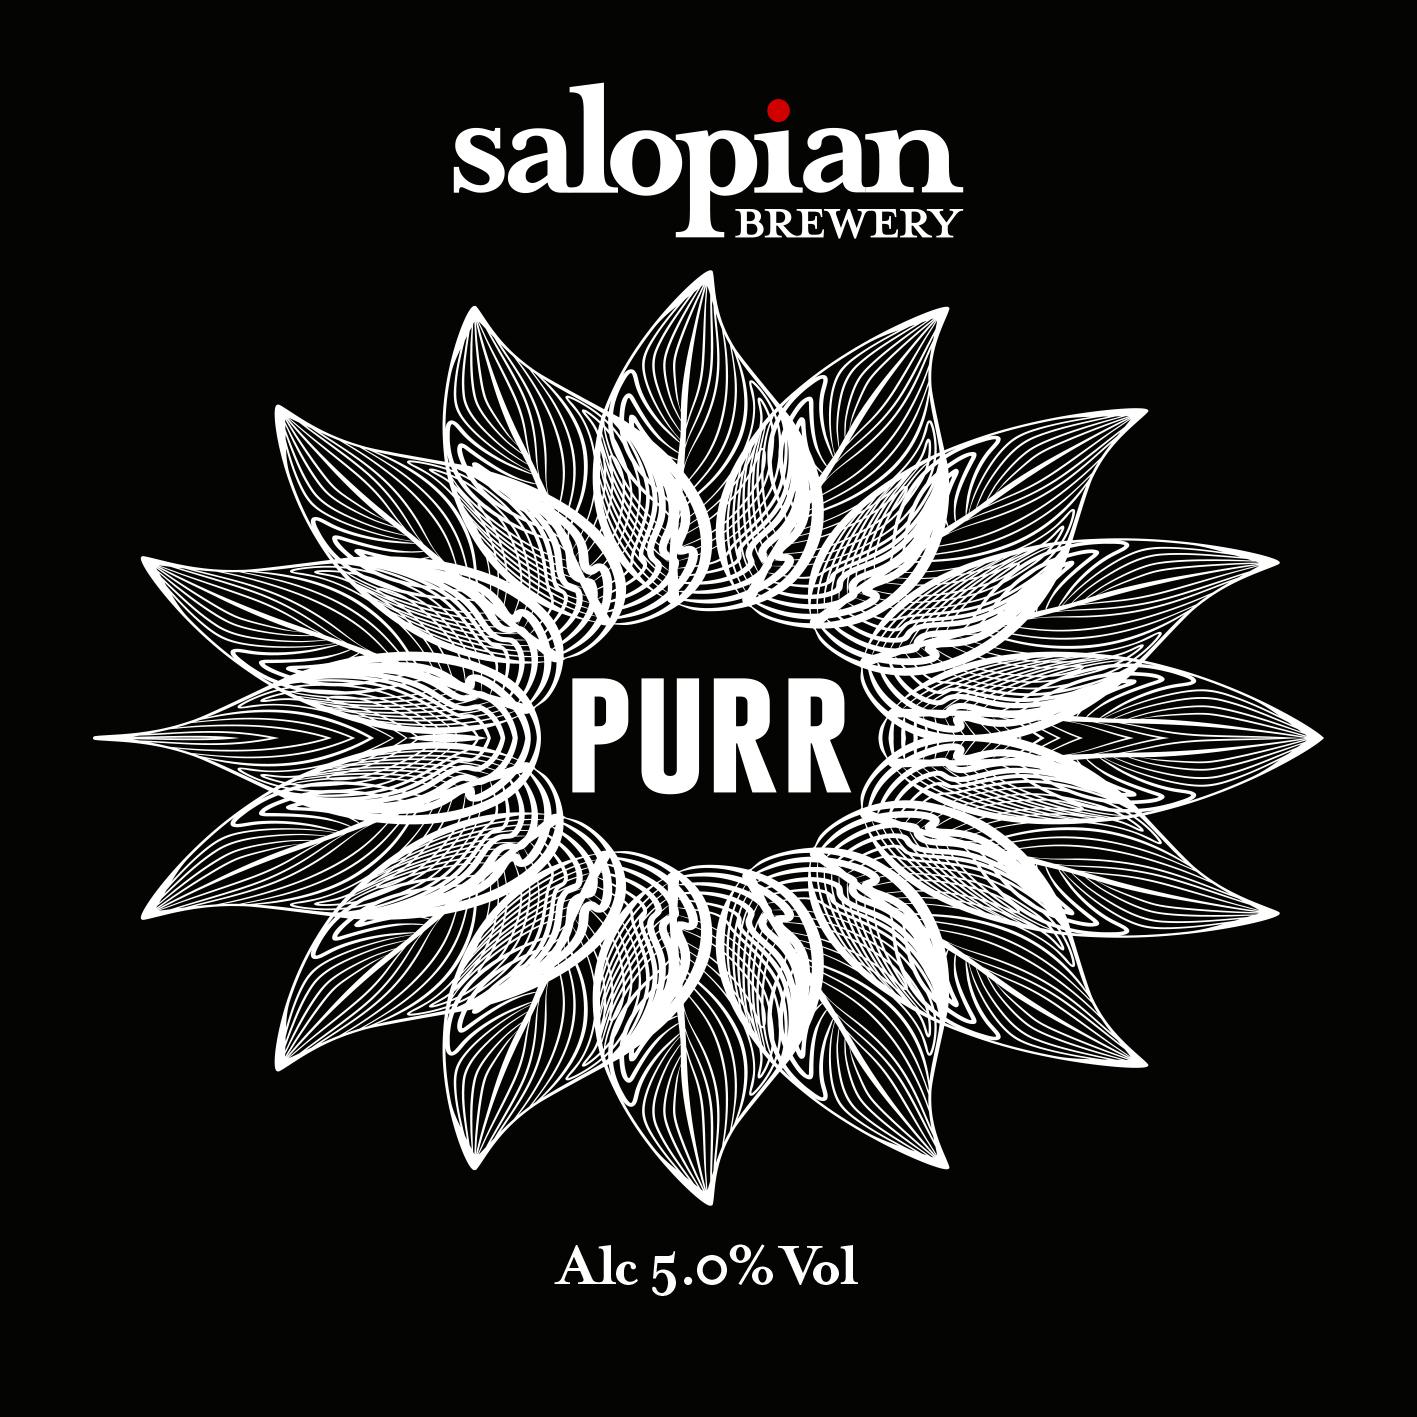 Salopian Purr 9 Gallons Golden 5.0%